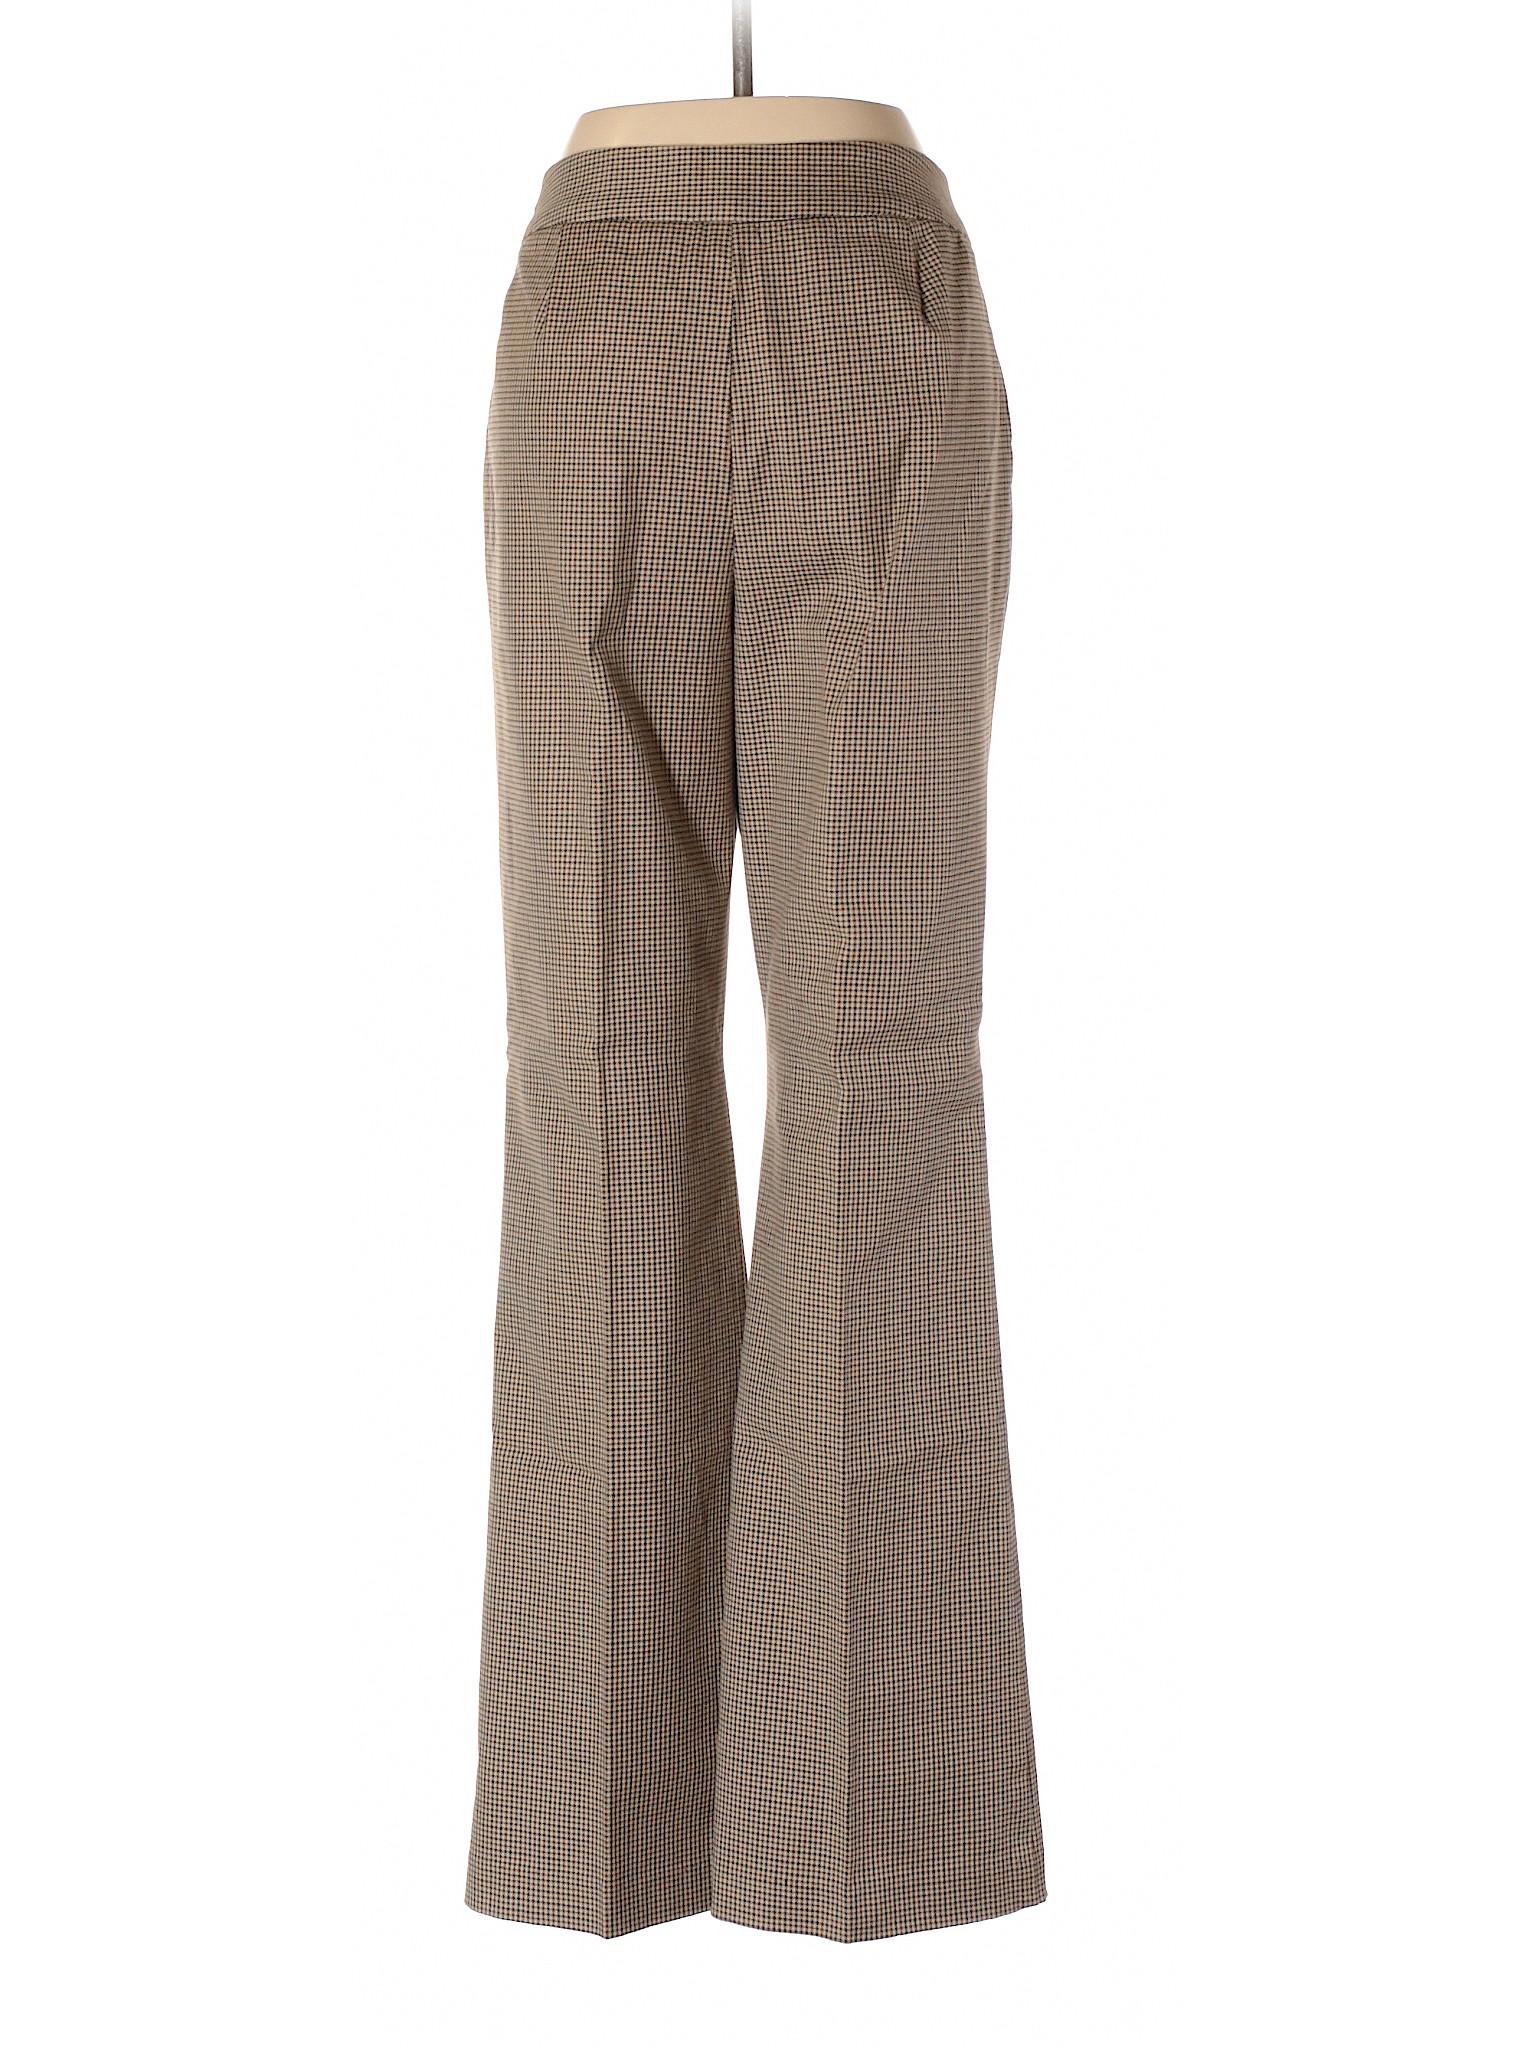 Boutique Klein AK leisure Dress Pants Anne YqZxAwqU